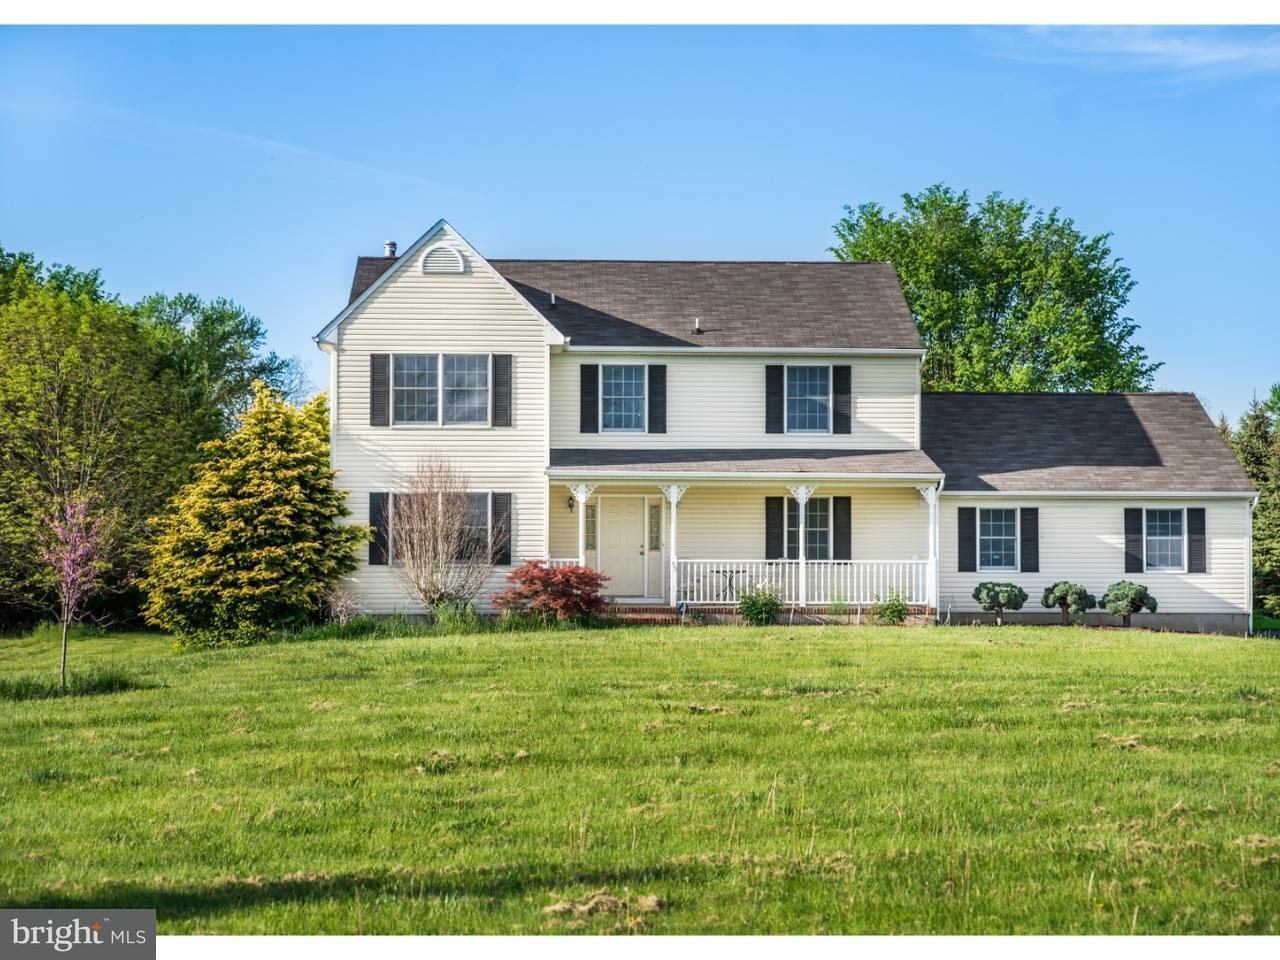 Частный односемейный дом для того Продажа на 33 CHESTERFIELD ARNEYTOWN Road North Hanover, Нью-Джерси 08501 Соединенные Штаты